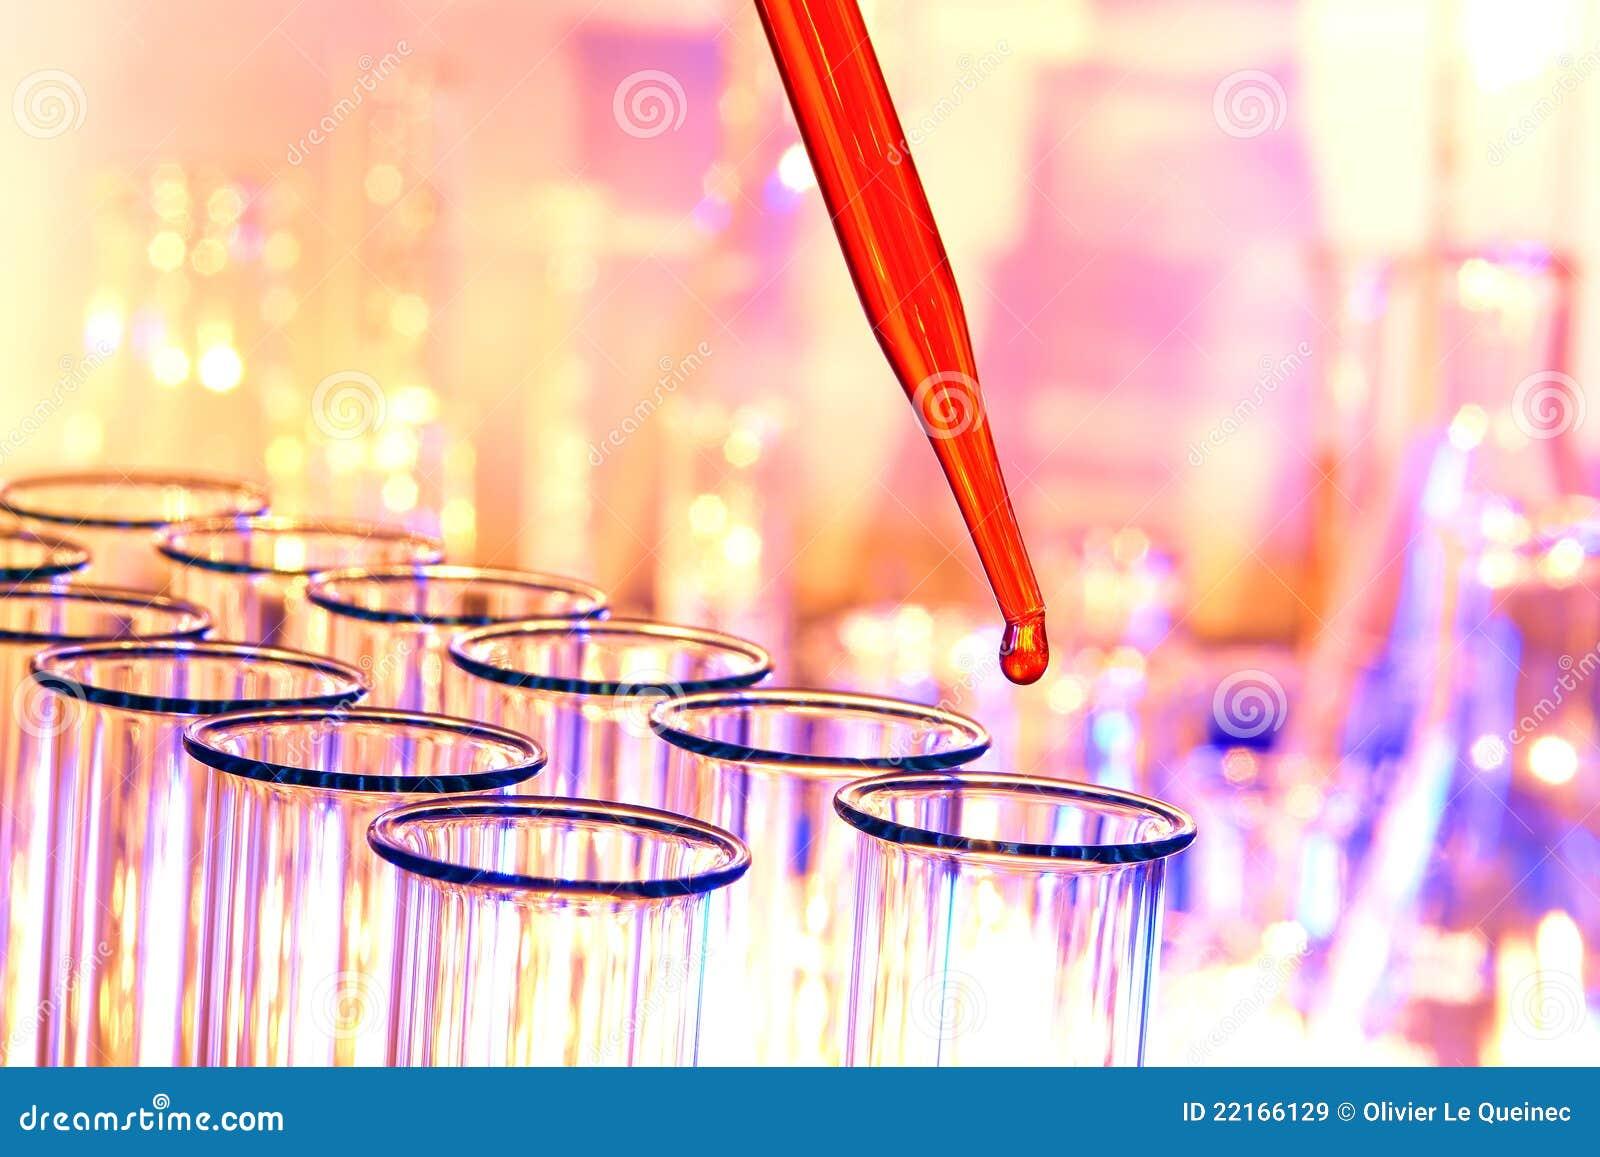 实验室实验室研究科学试管